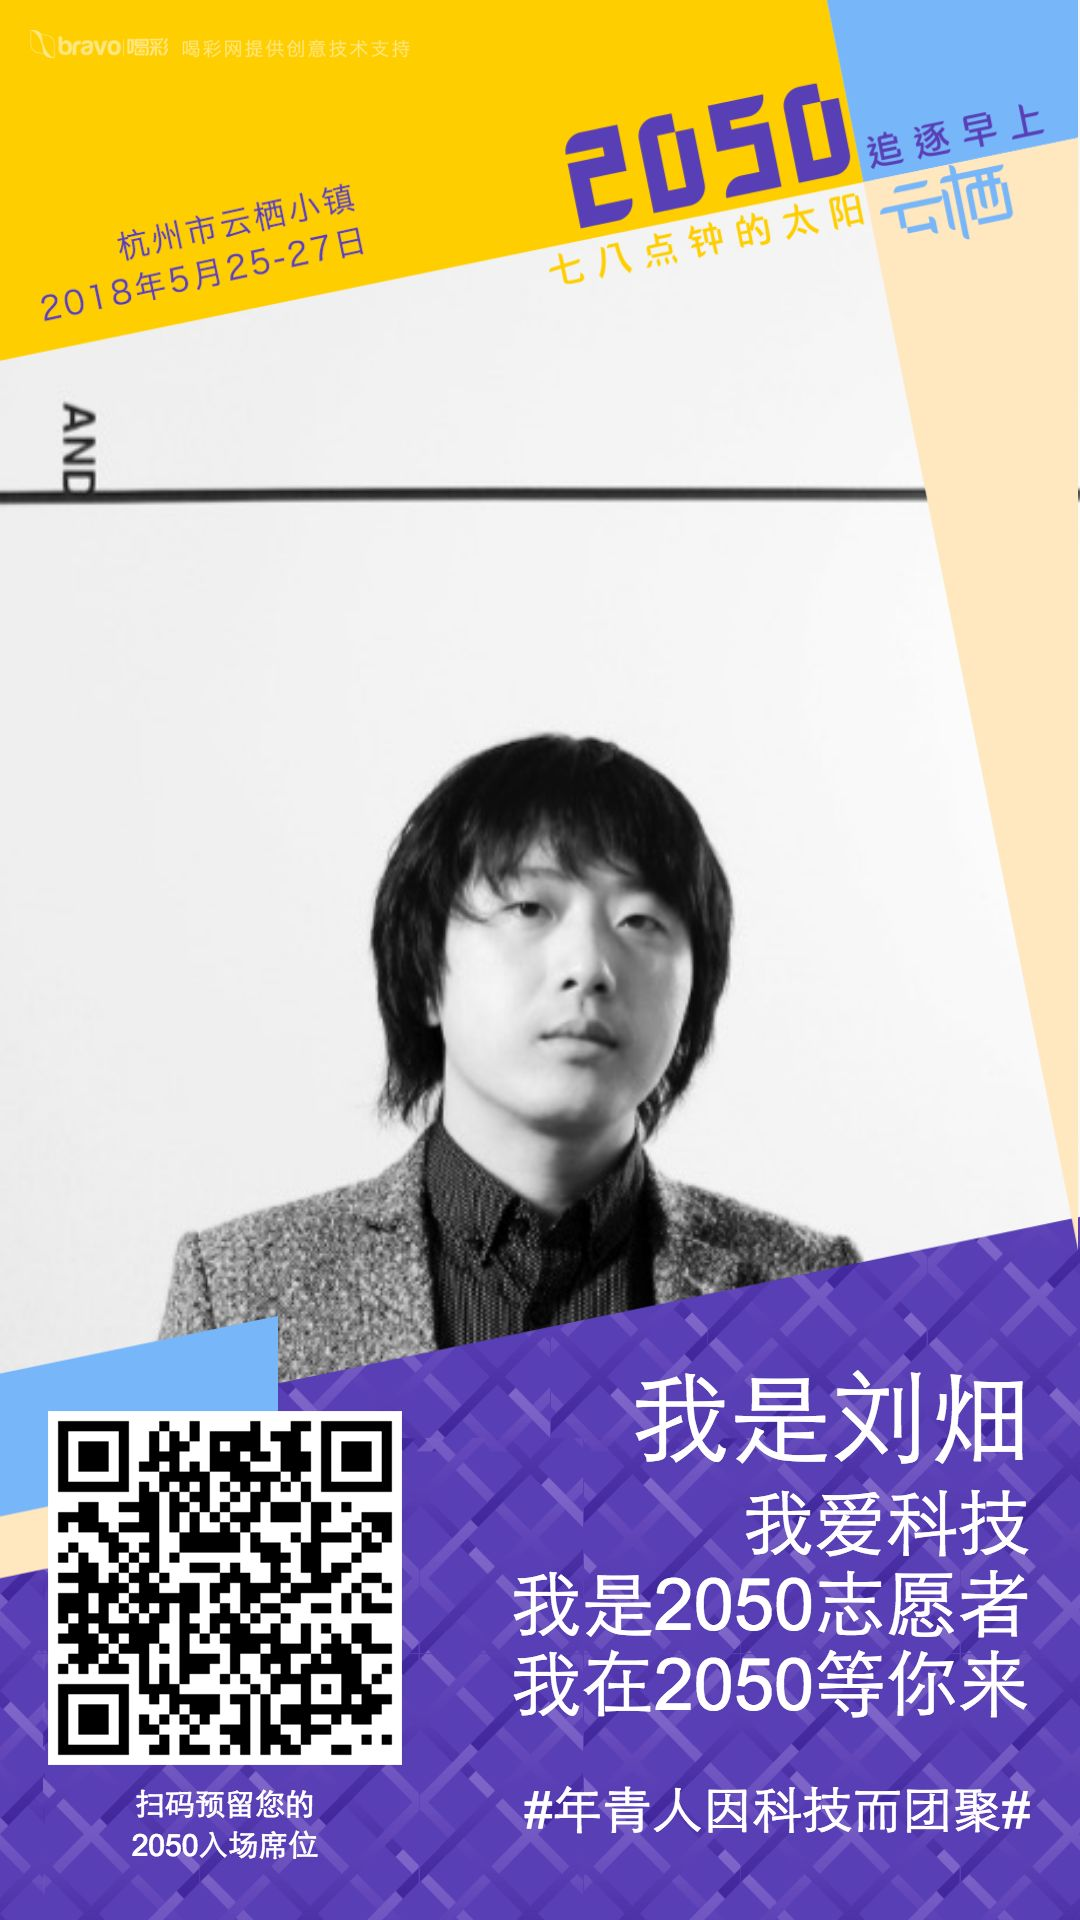 2050生长记 | 影像接龙-刘畑:我相信「一群^群无知少年的想象力」